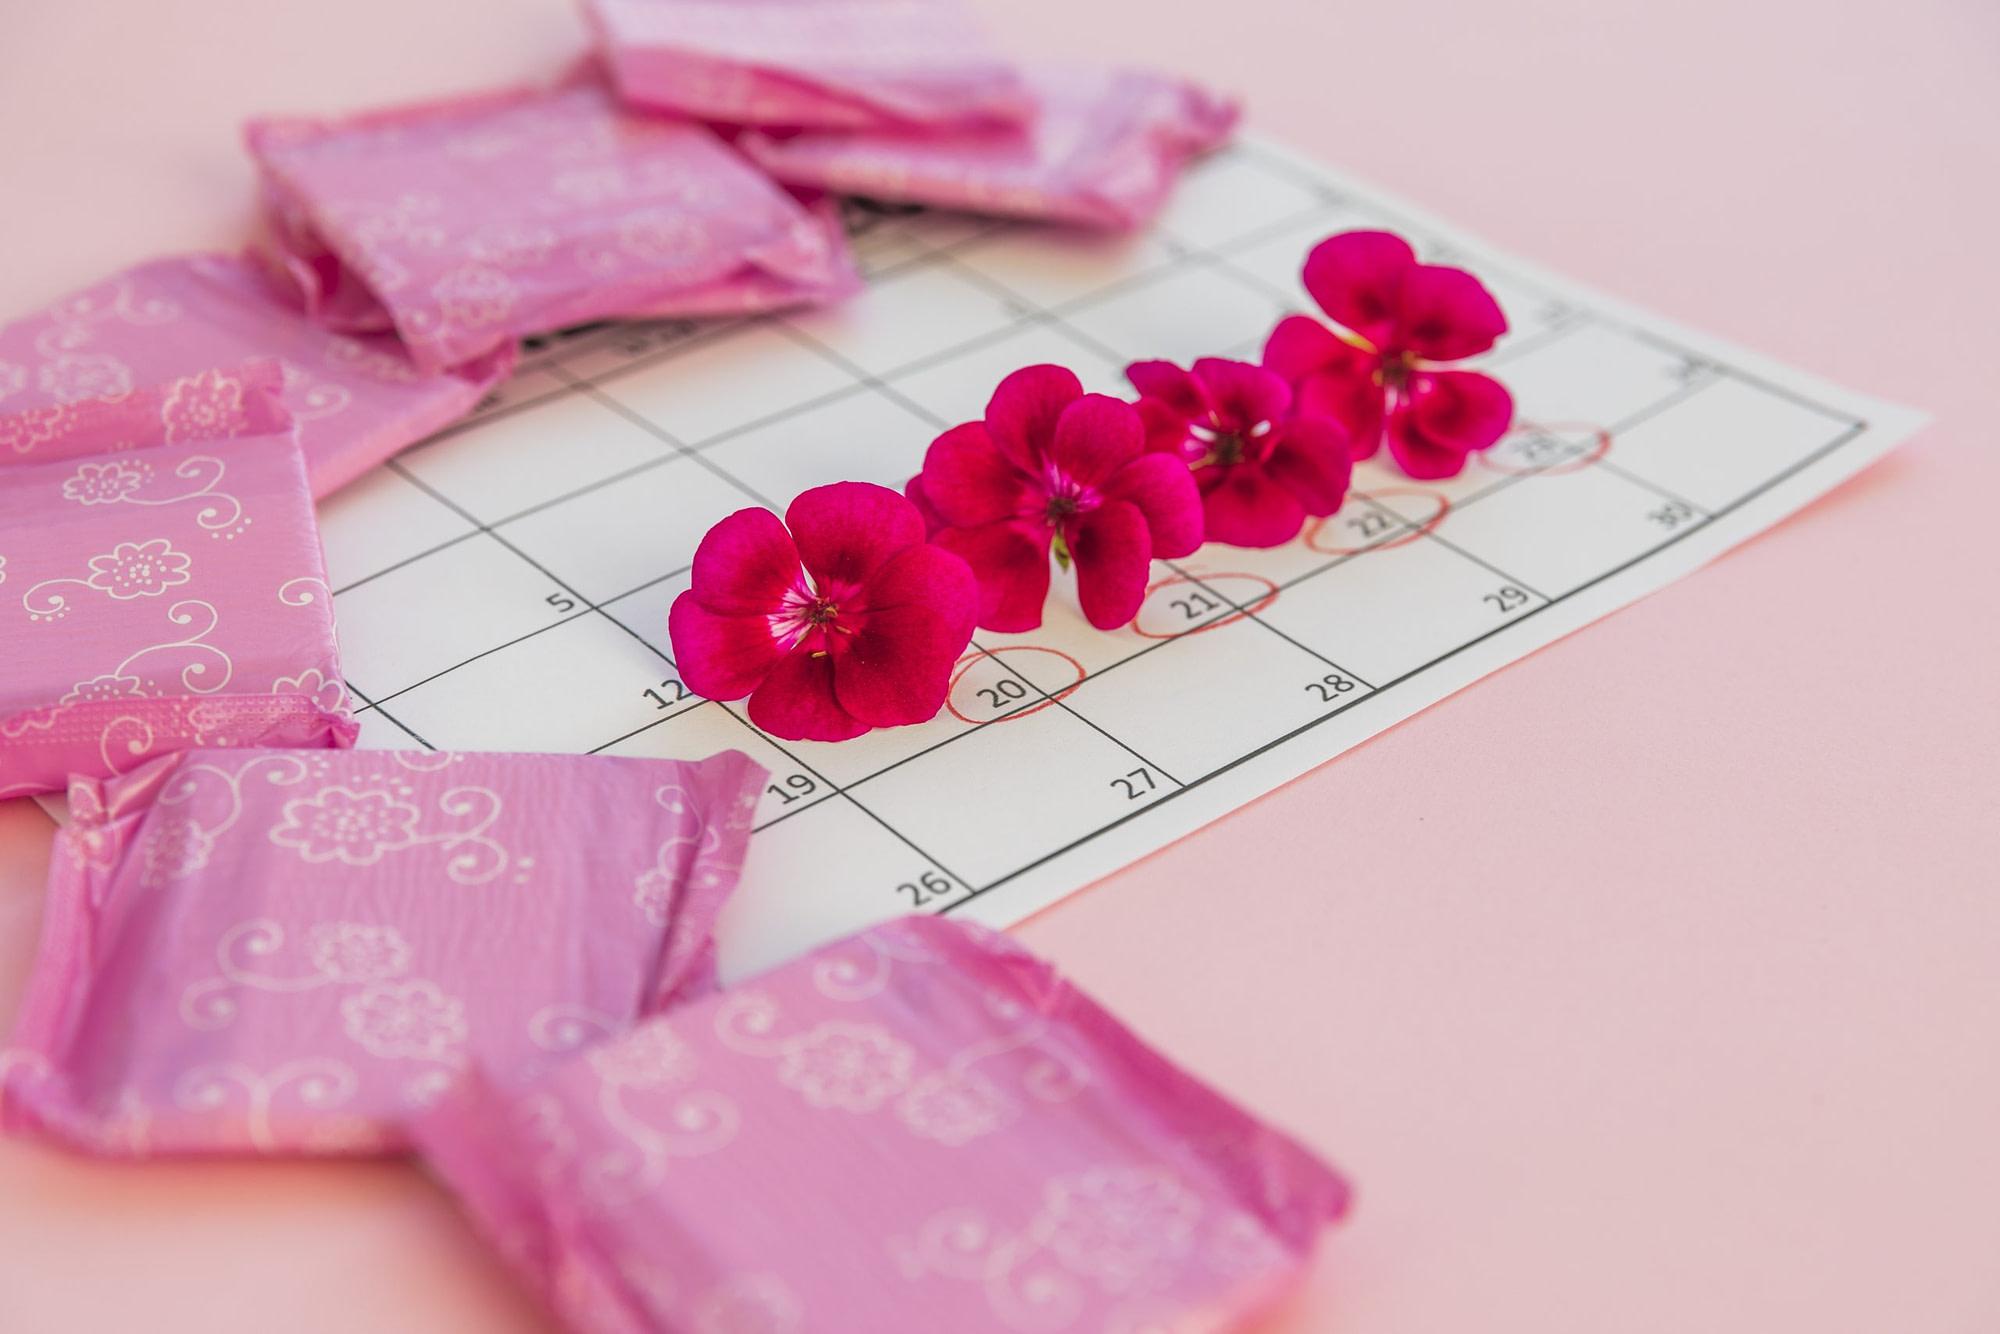 importância da ovulação no ciclo menstrual